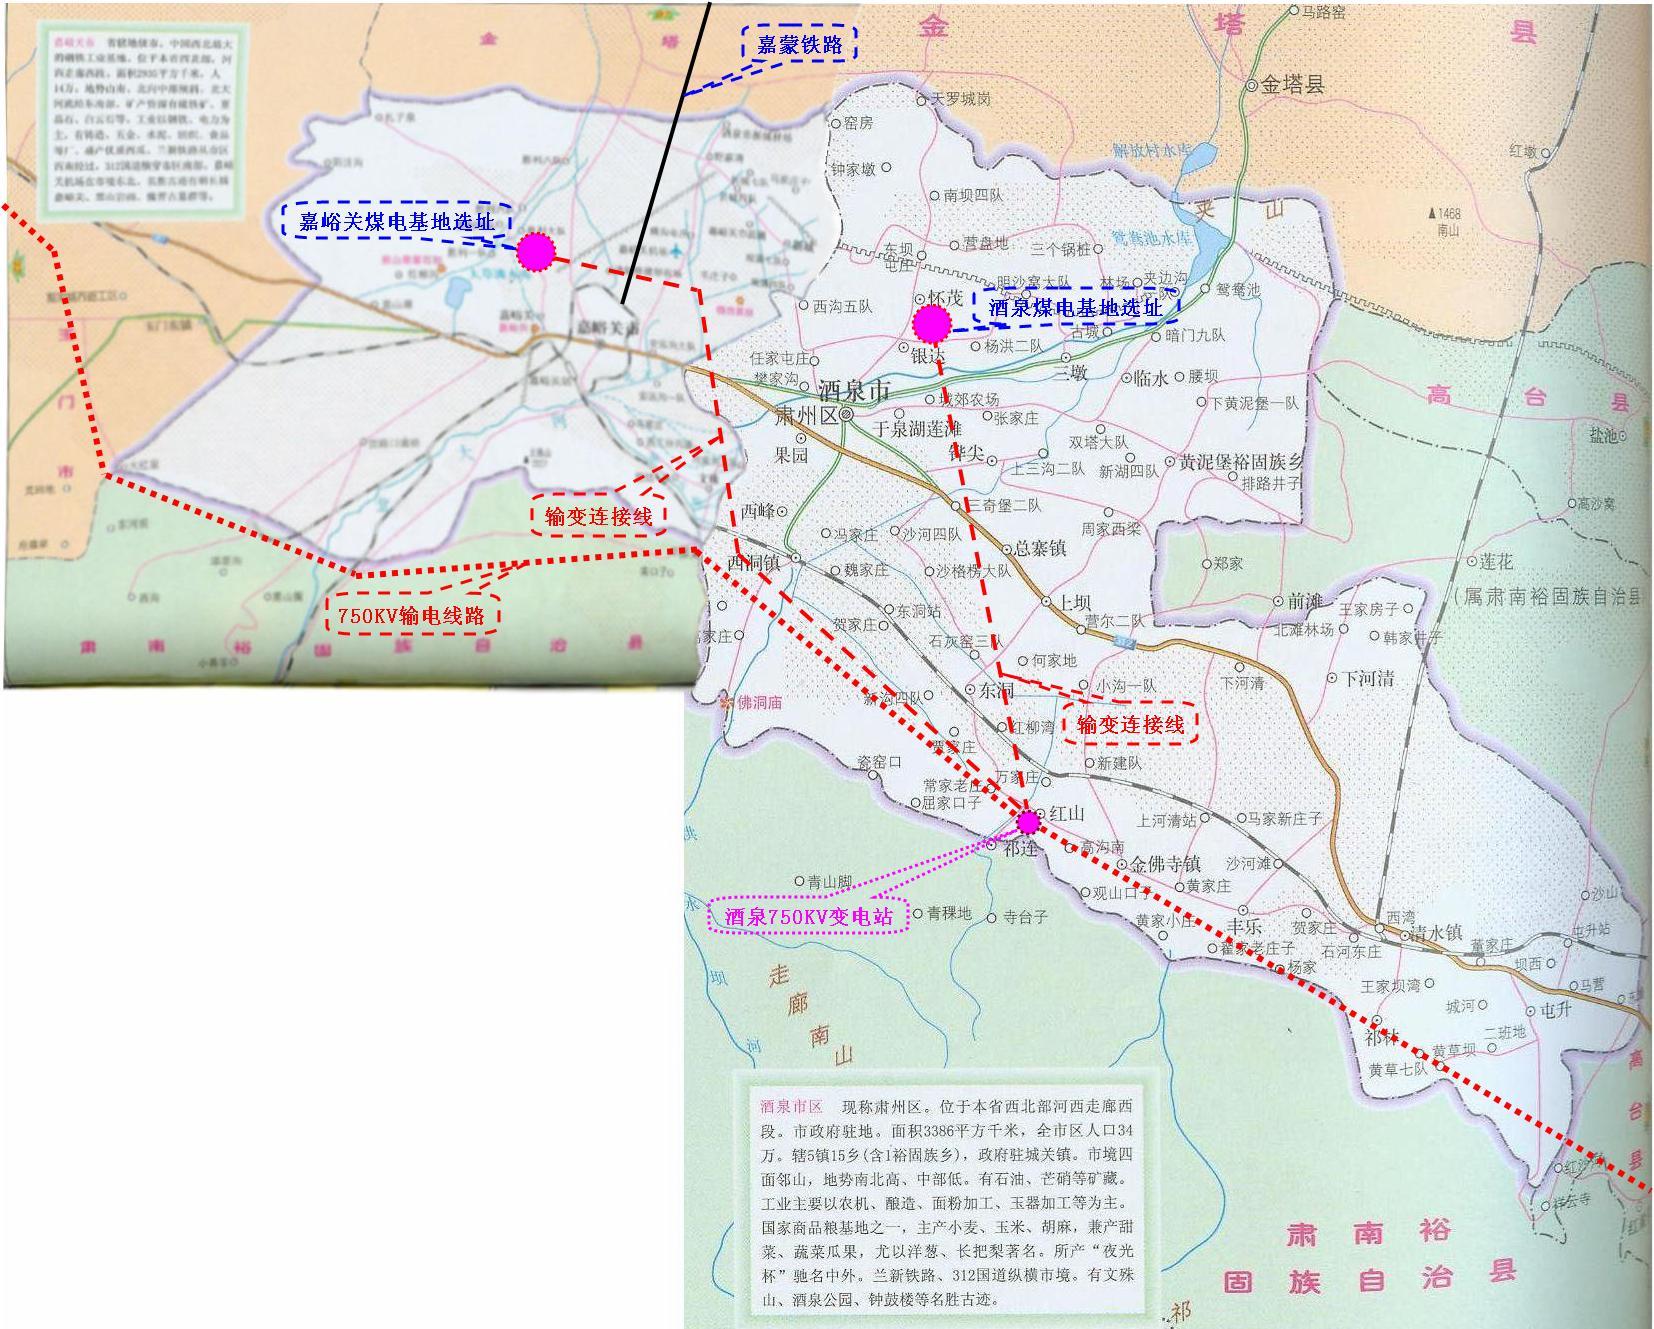 瓜州县行政区划地图